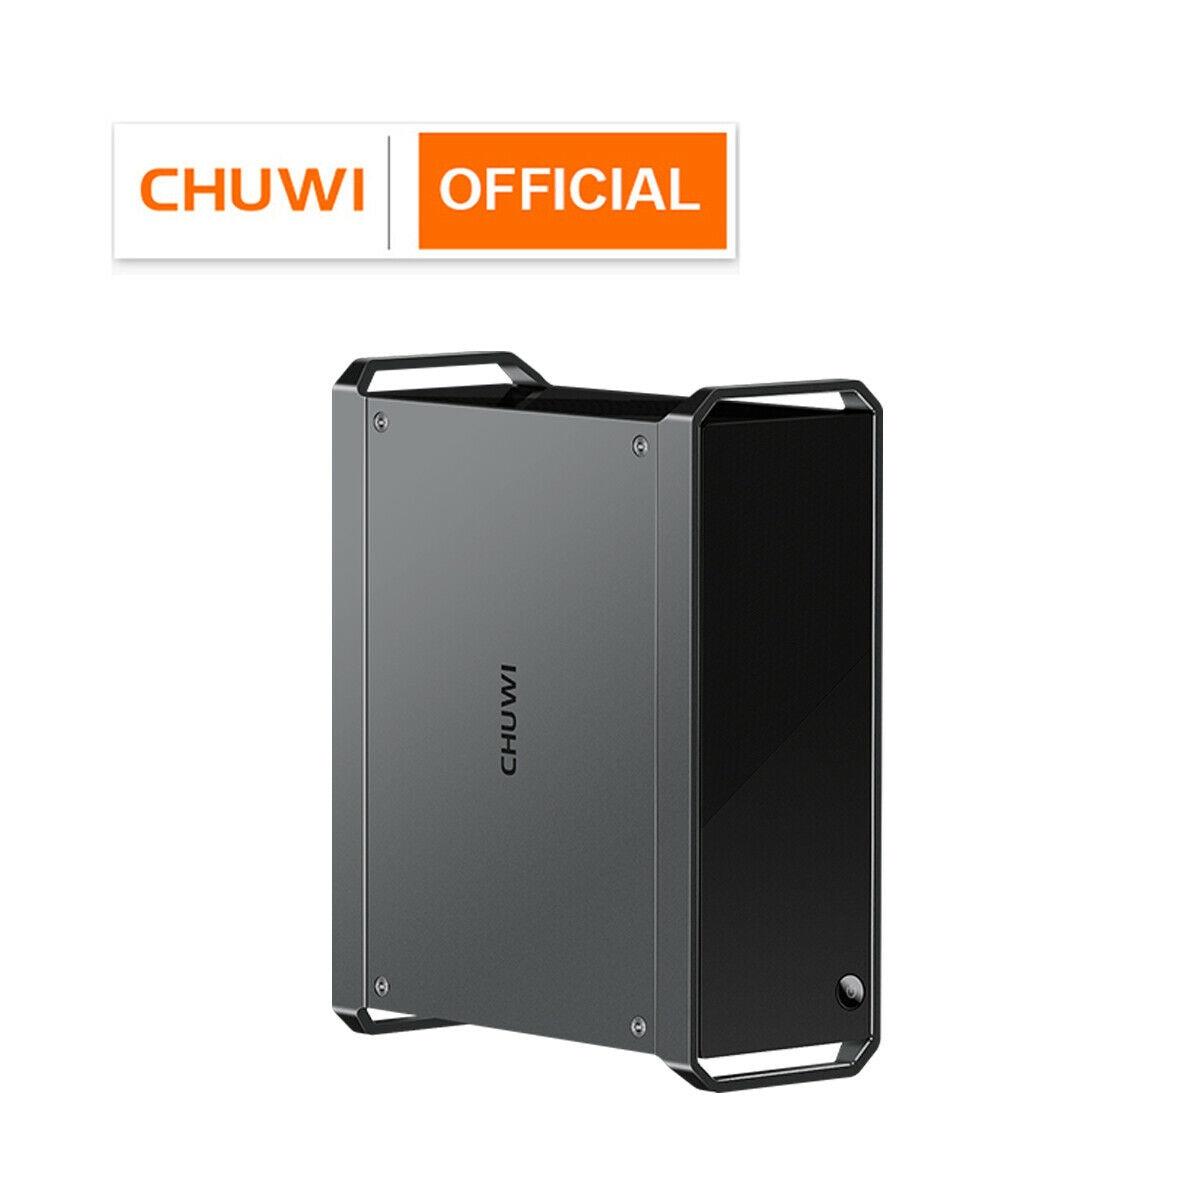 CHUWI CoreBox Mini PC Win 10 Intel Core i5-5257U Mini Desktop PC 8+256GB SSD